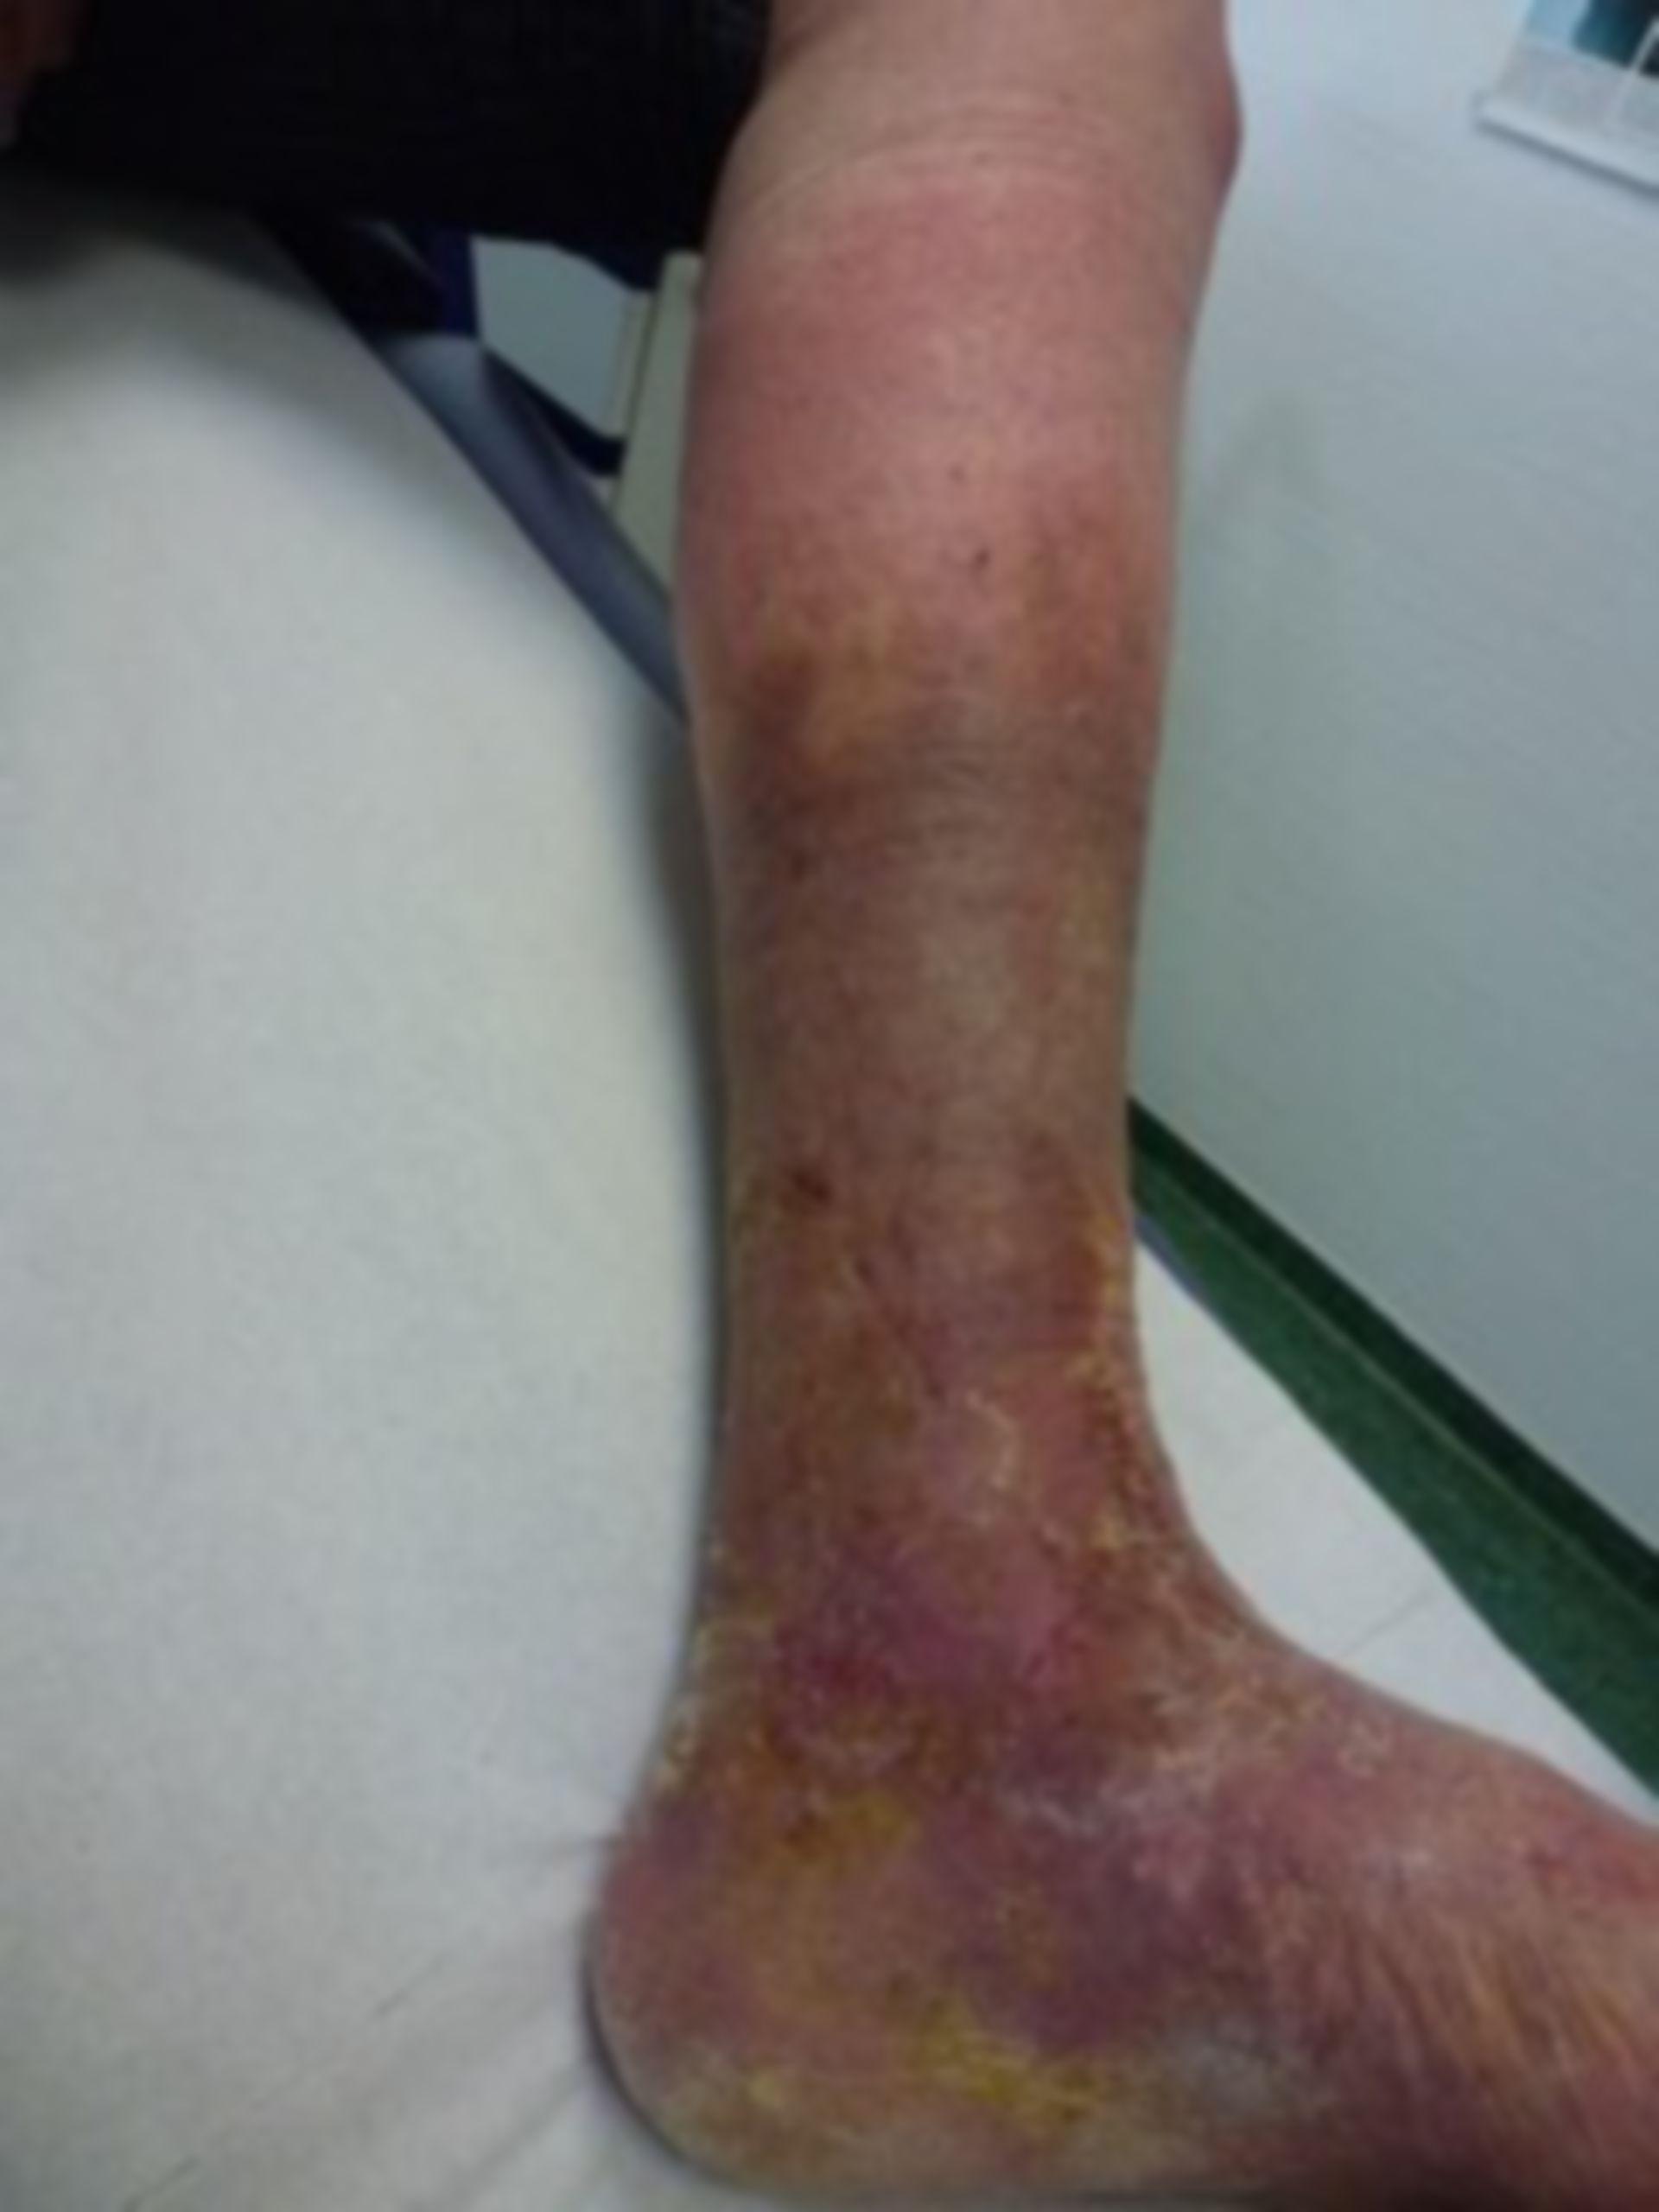 Úlcera de la pierna - Cerrada dentro de 72 horas (14)